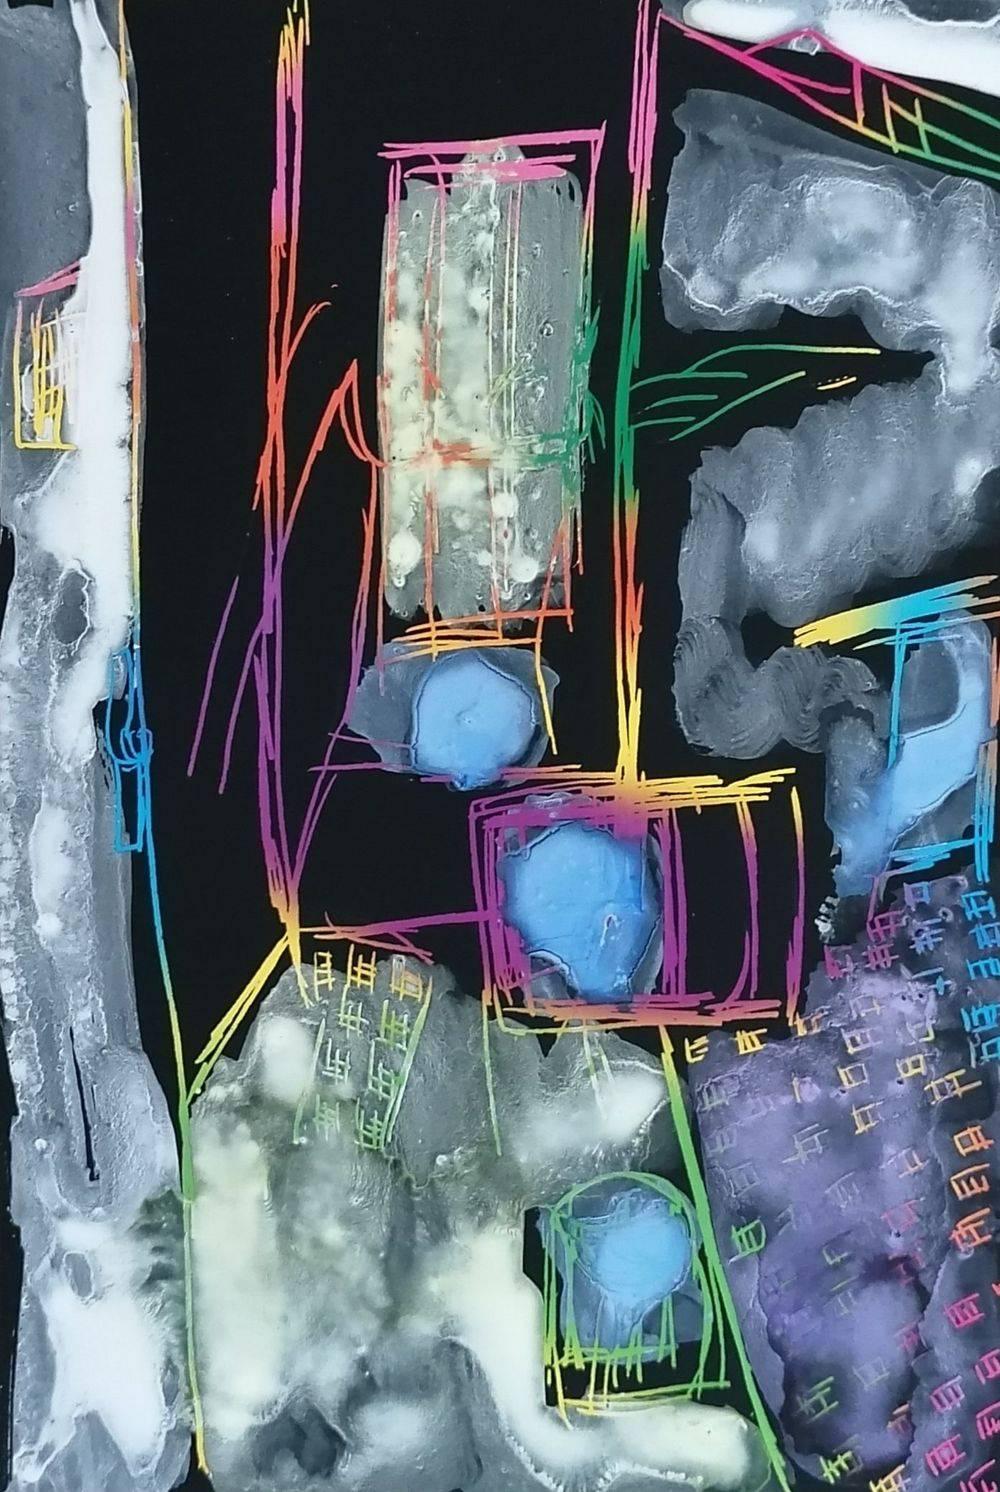 Aquarelle, Carte à gratter, Dessin, Natures mortes, Intérieurs, Histoire de l'art, Bretagne